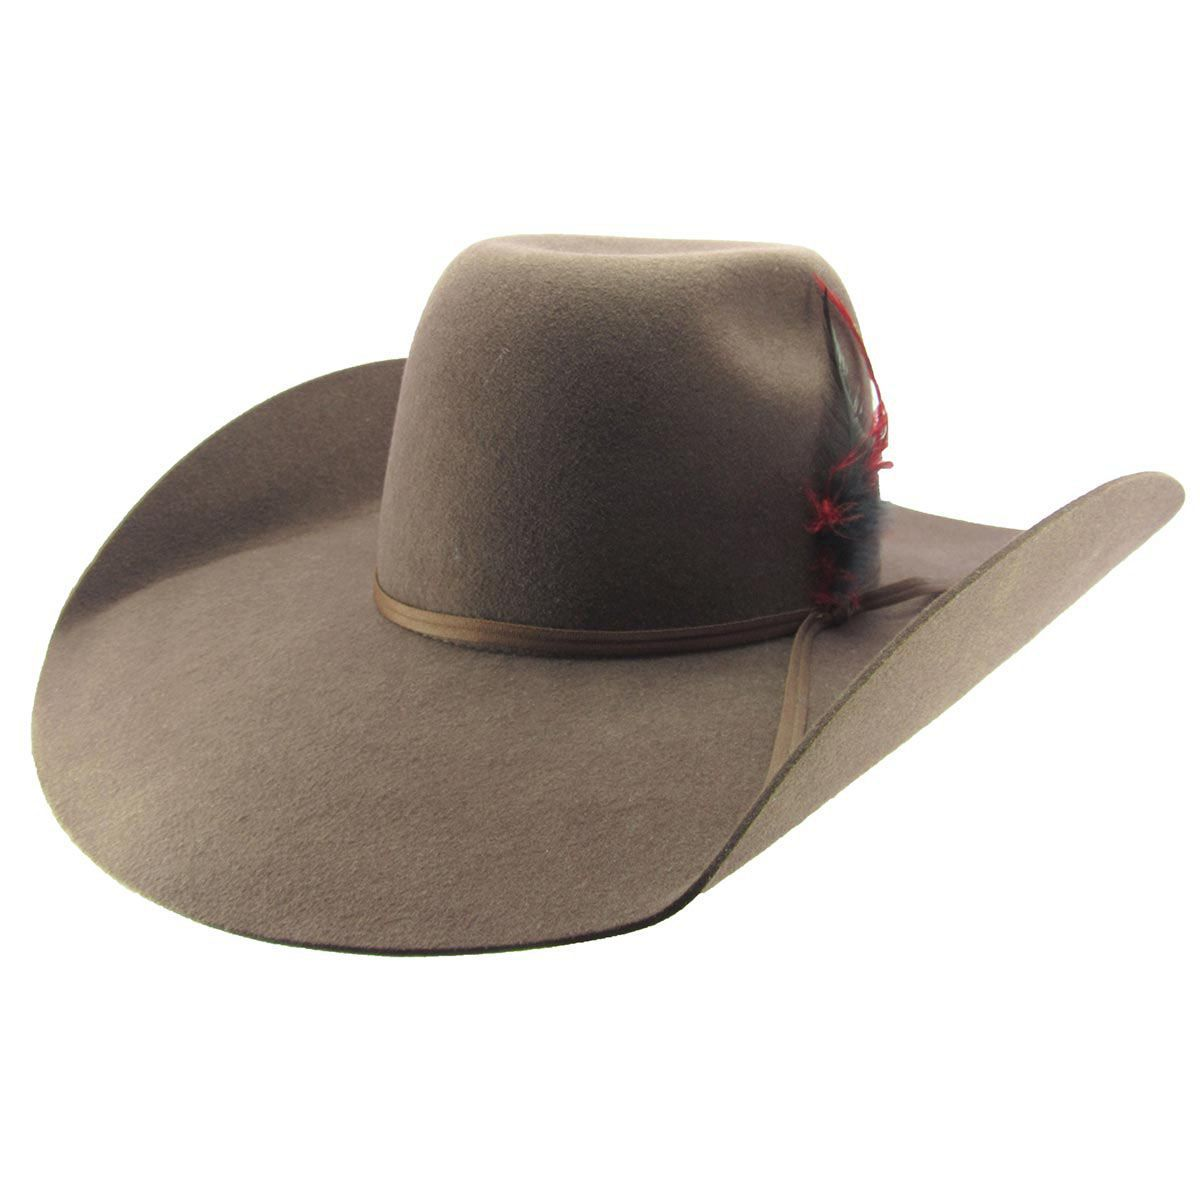 Chapéu Pralana Biplay Ii Café Country Aba 13 - Cowboy BR 7d6d40b5feb